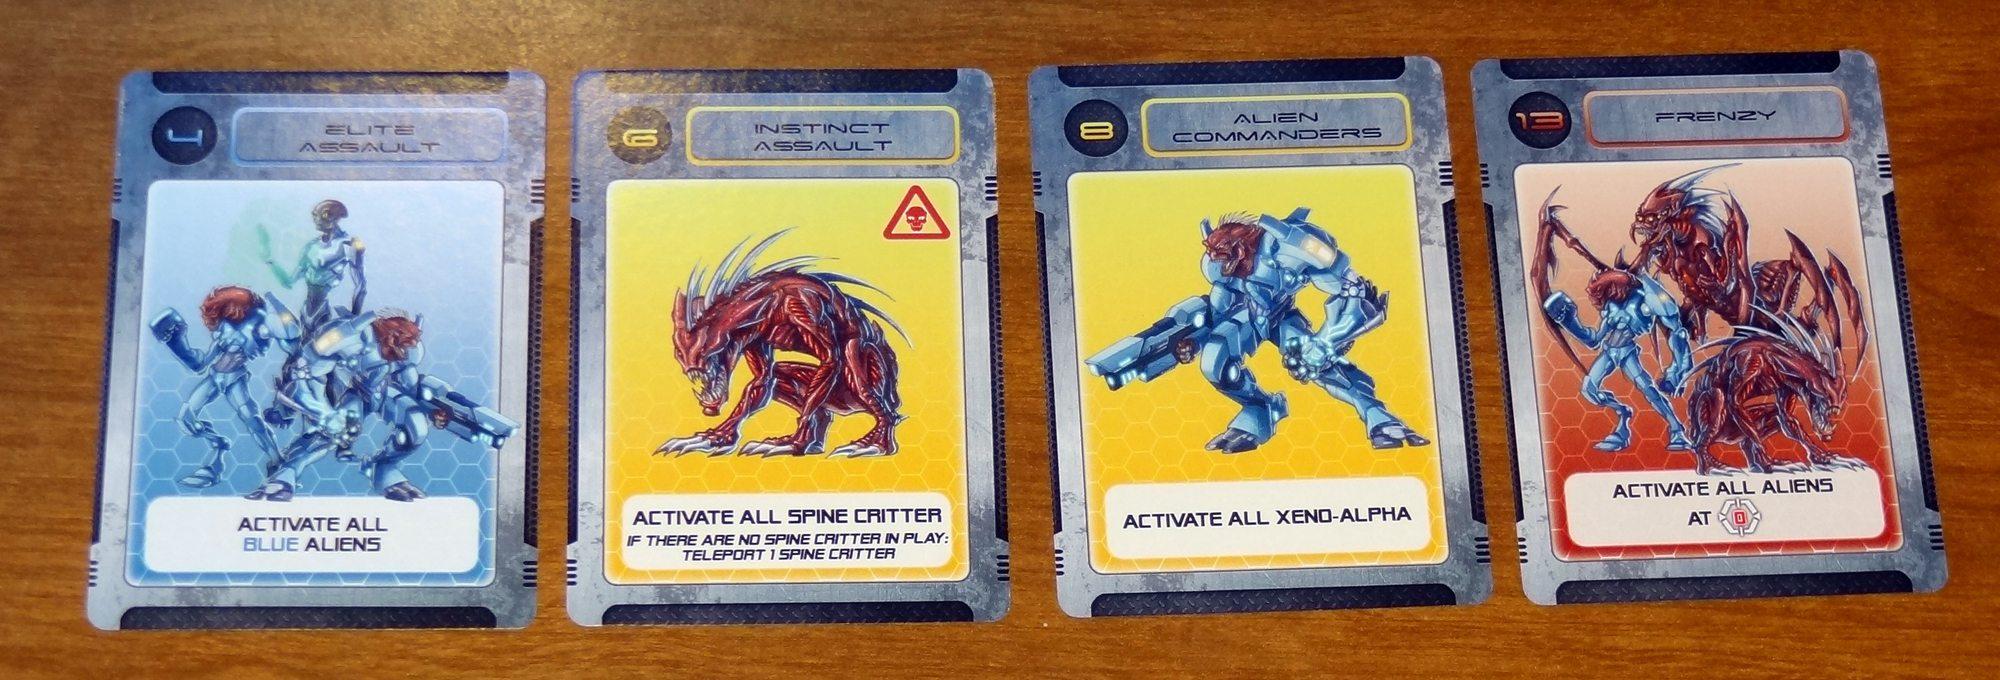 Galaxy Defenders Close Encounters cards